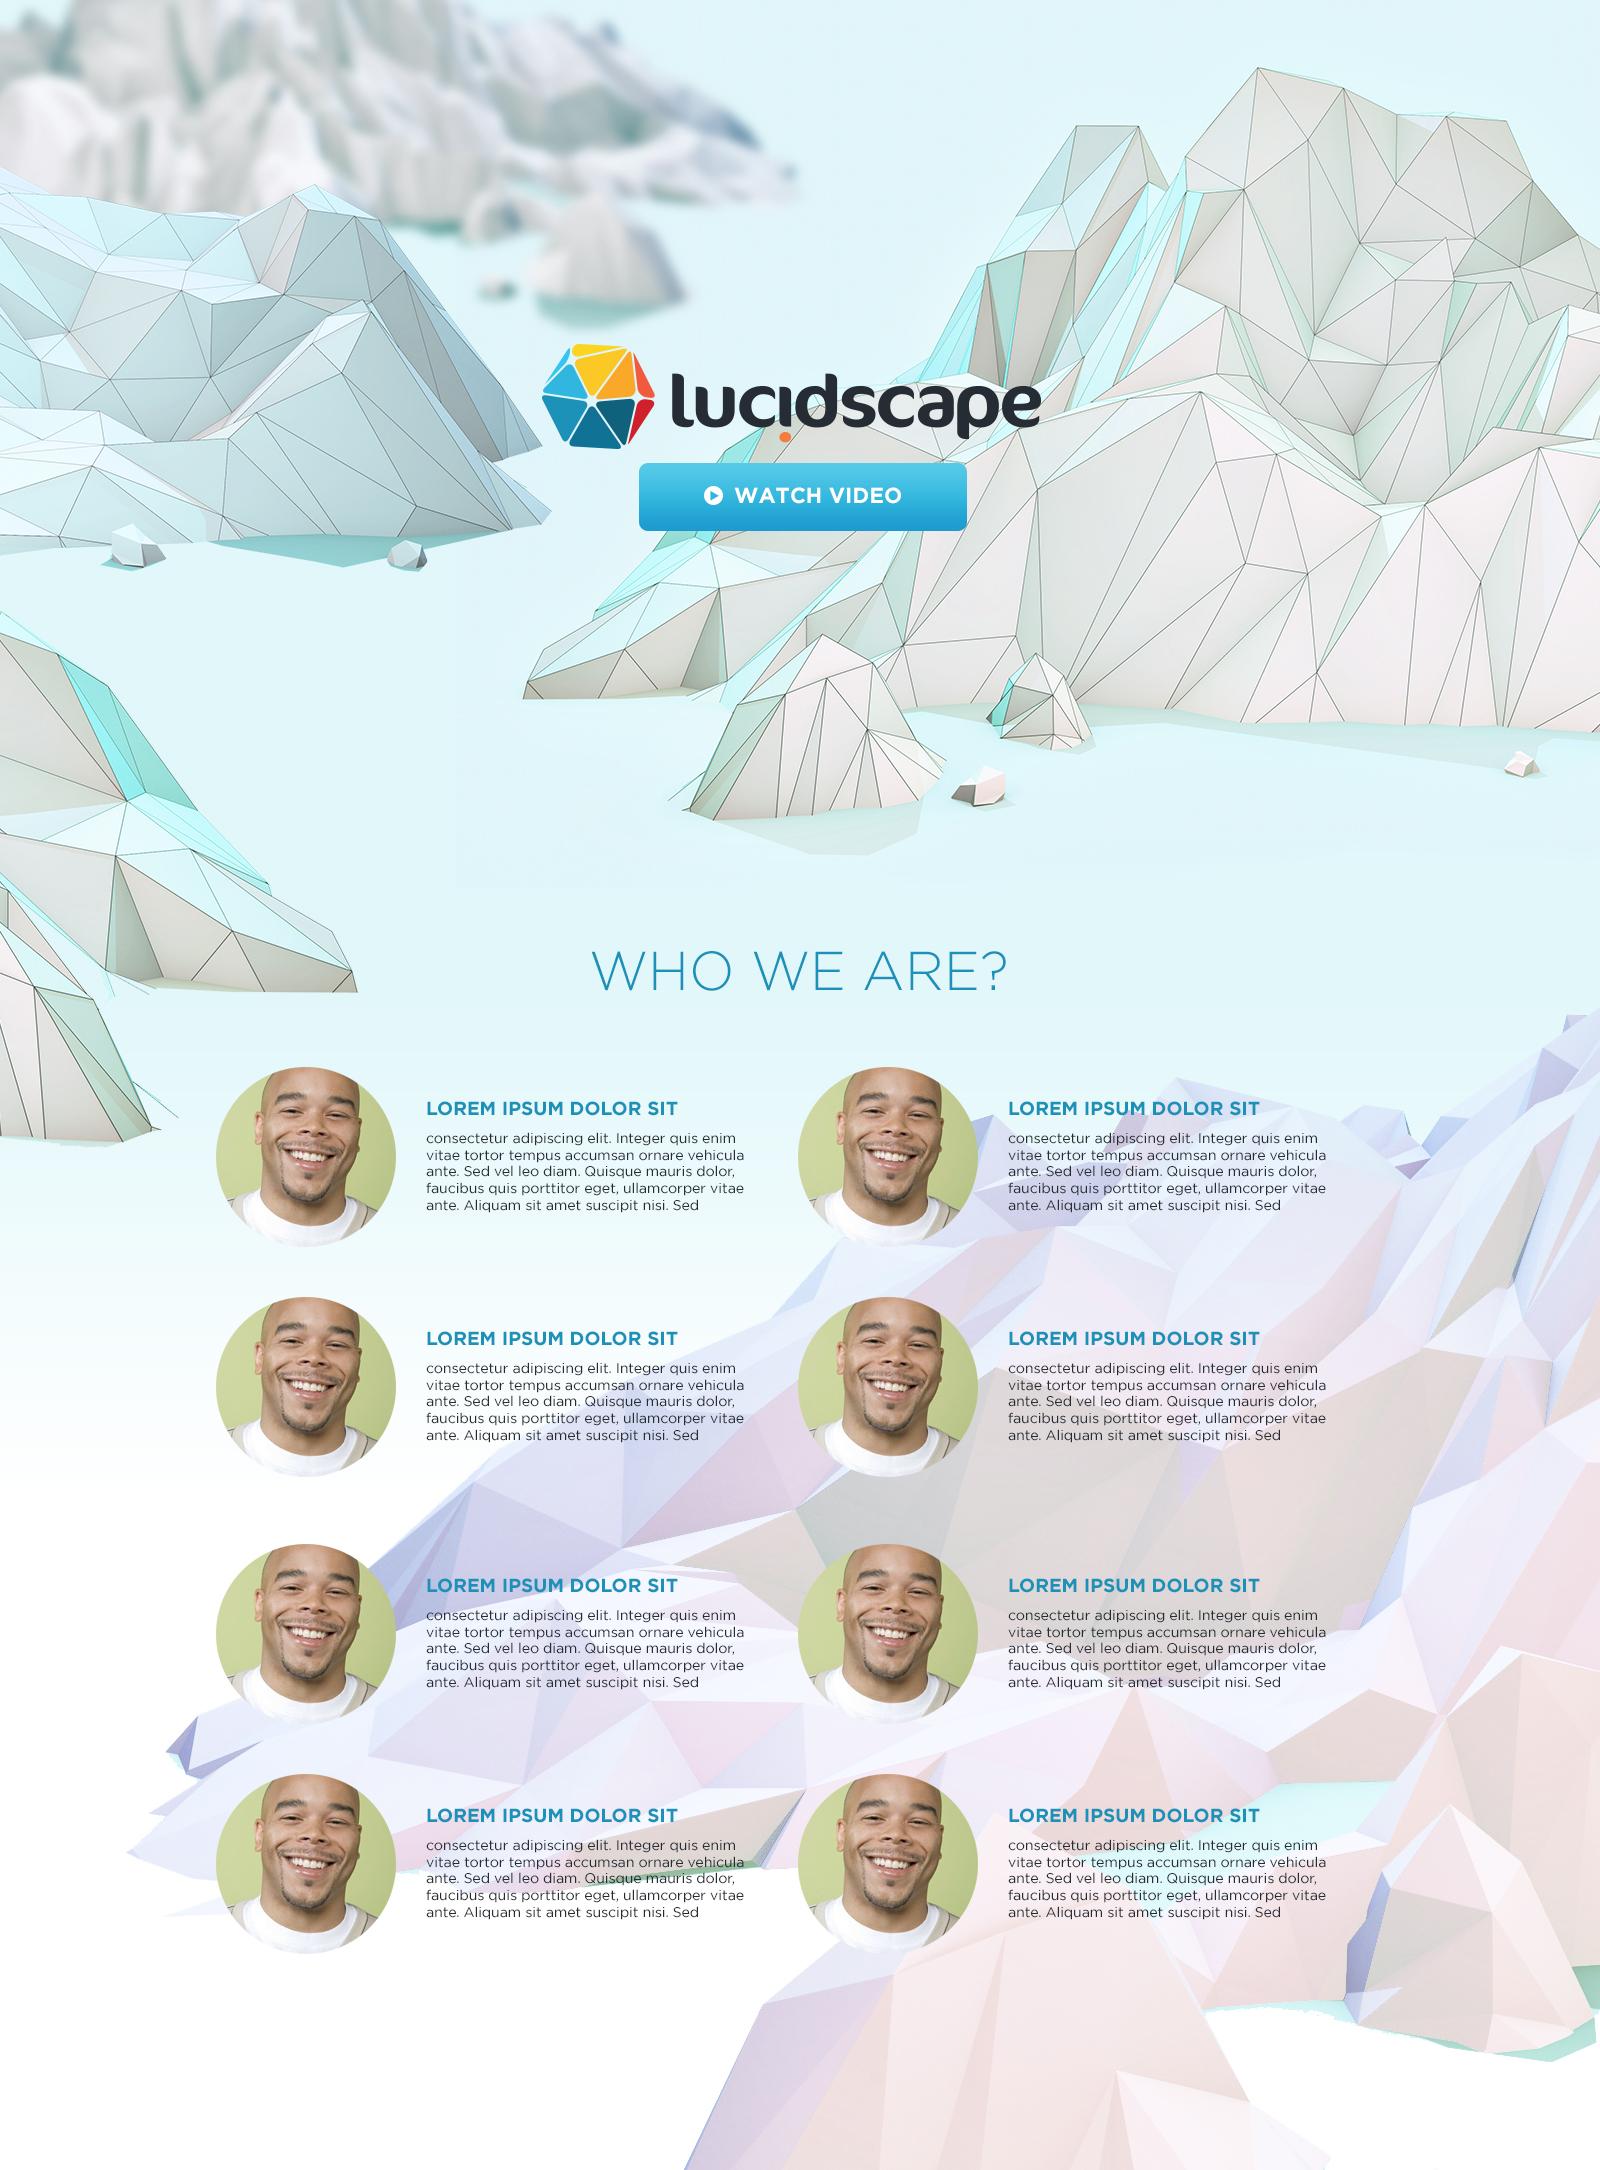 lucidscape